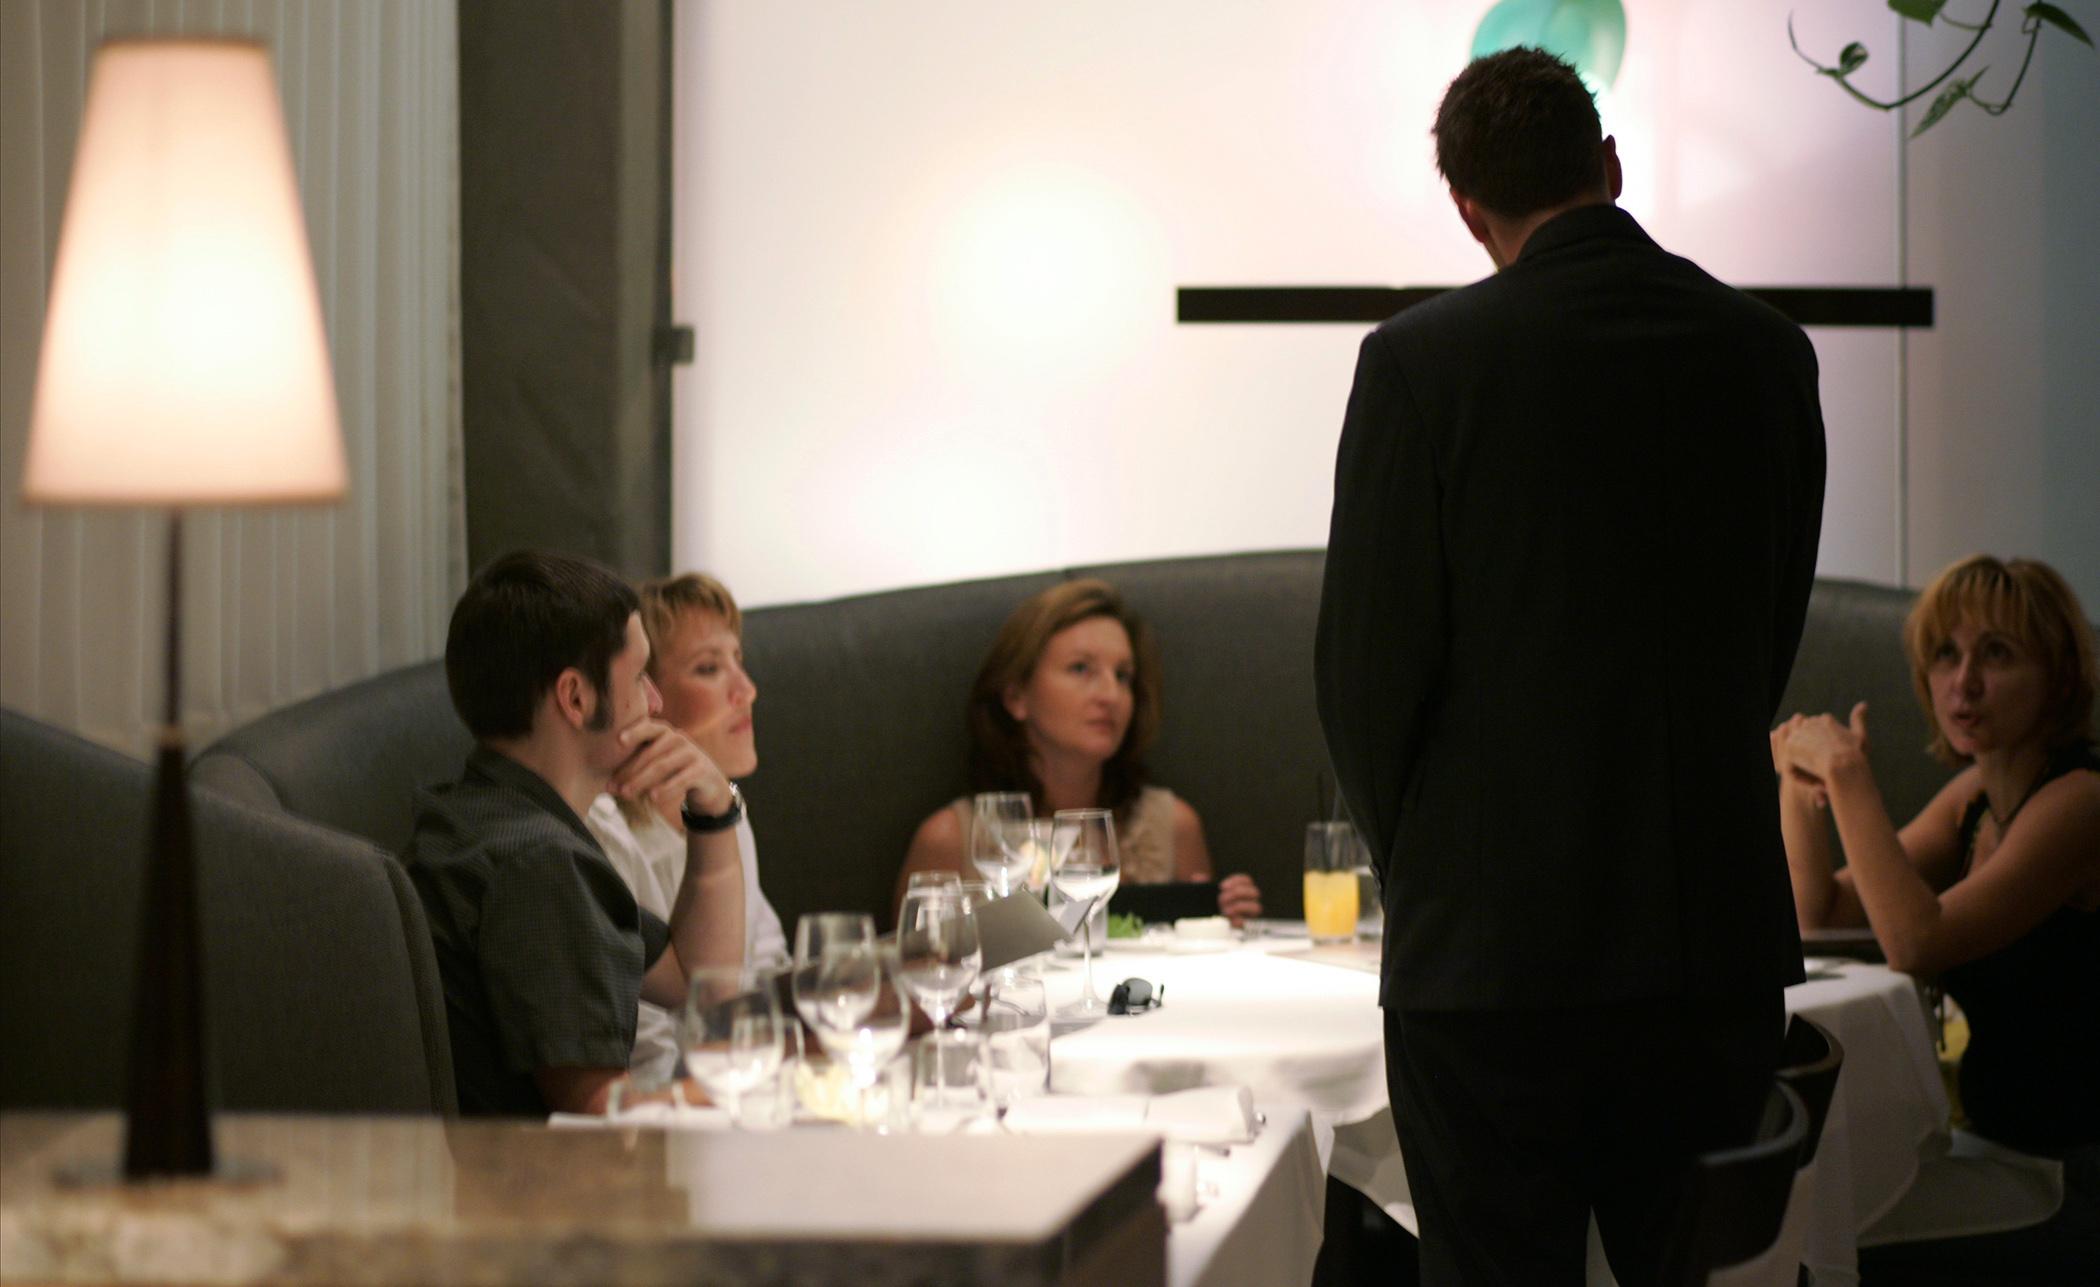 在La J的Jack 's餐厅的高级餐厅里,一名服务员正在和顾客谈论菜单